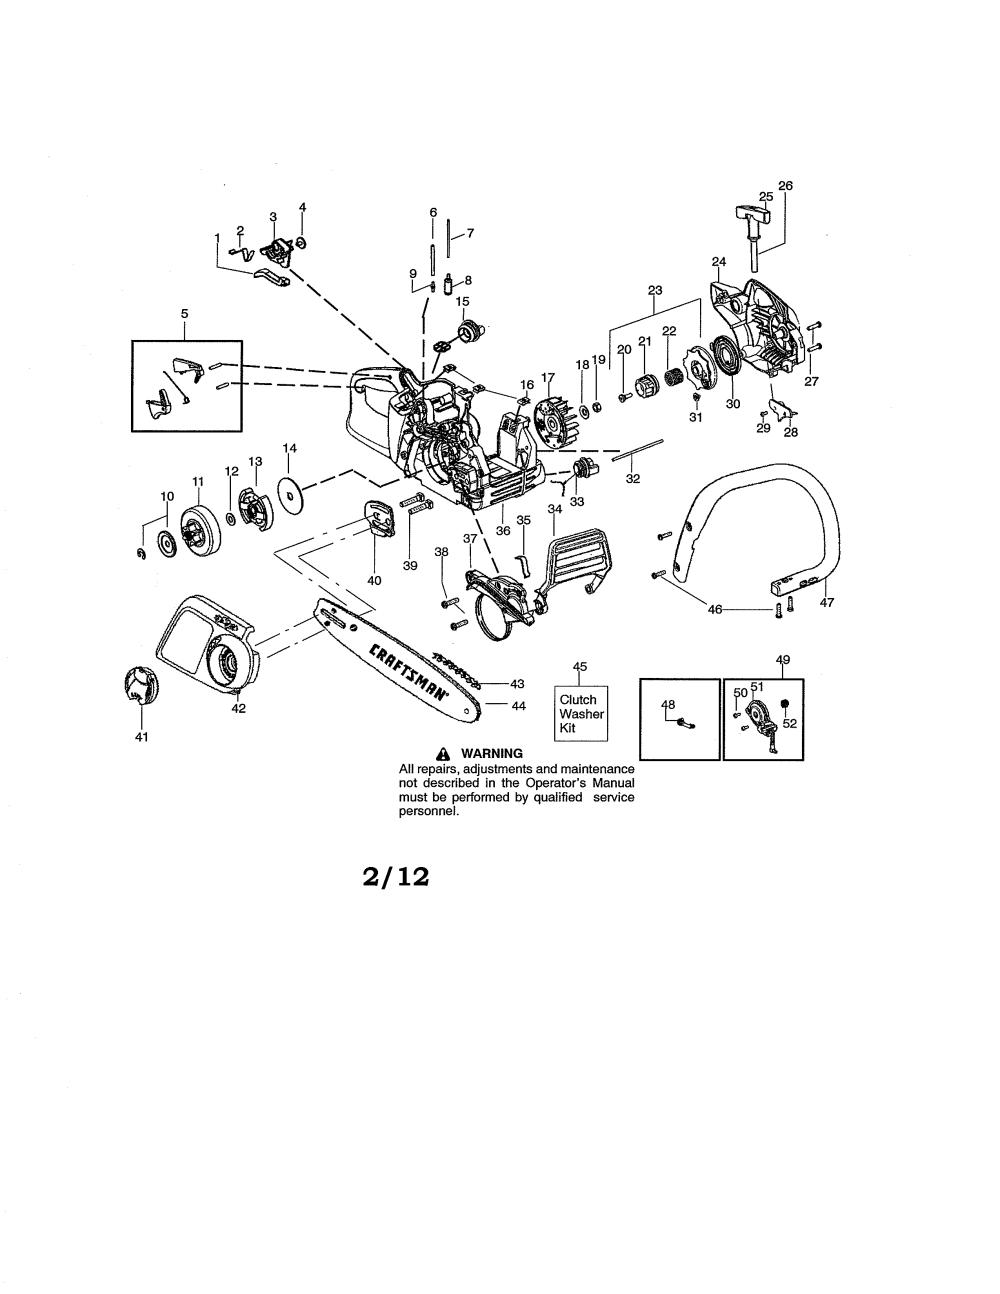 medium resolution of craftsman 42cc chainsaw carburetor engine diagram wiring schematiccraftsman 42cc chainsaw carburetor engine diagram wiring library craftsman